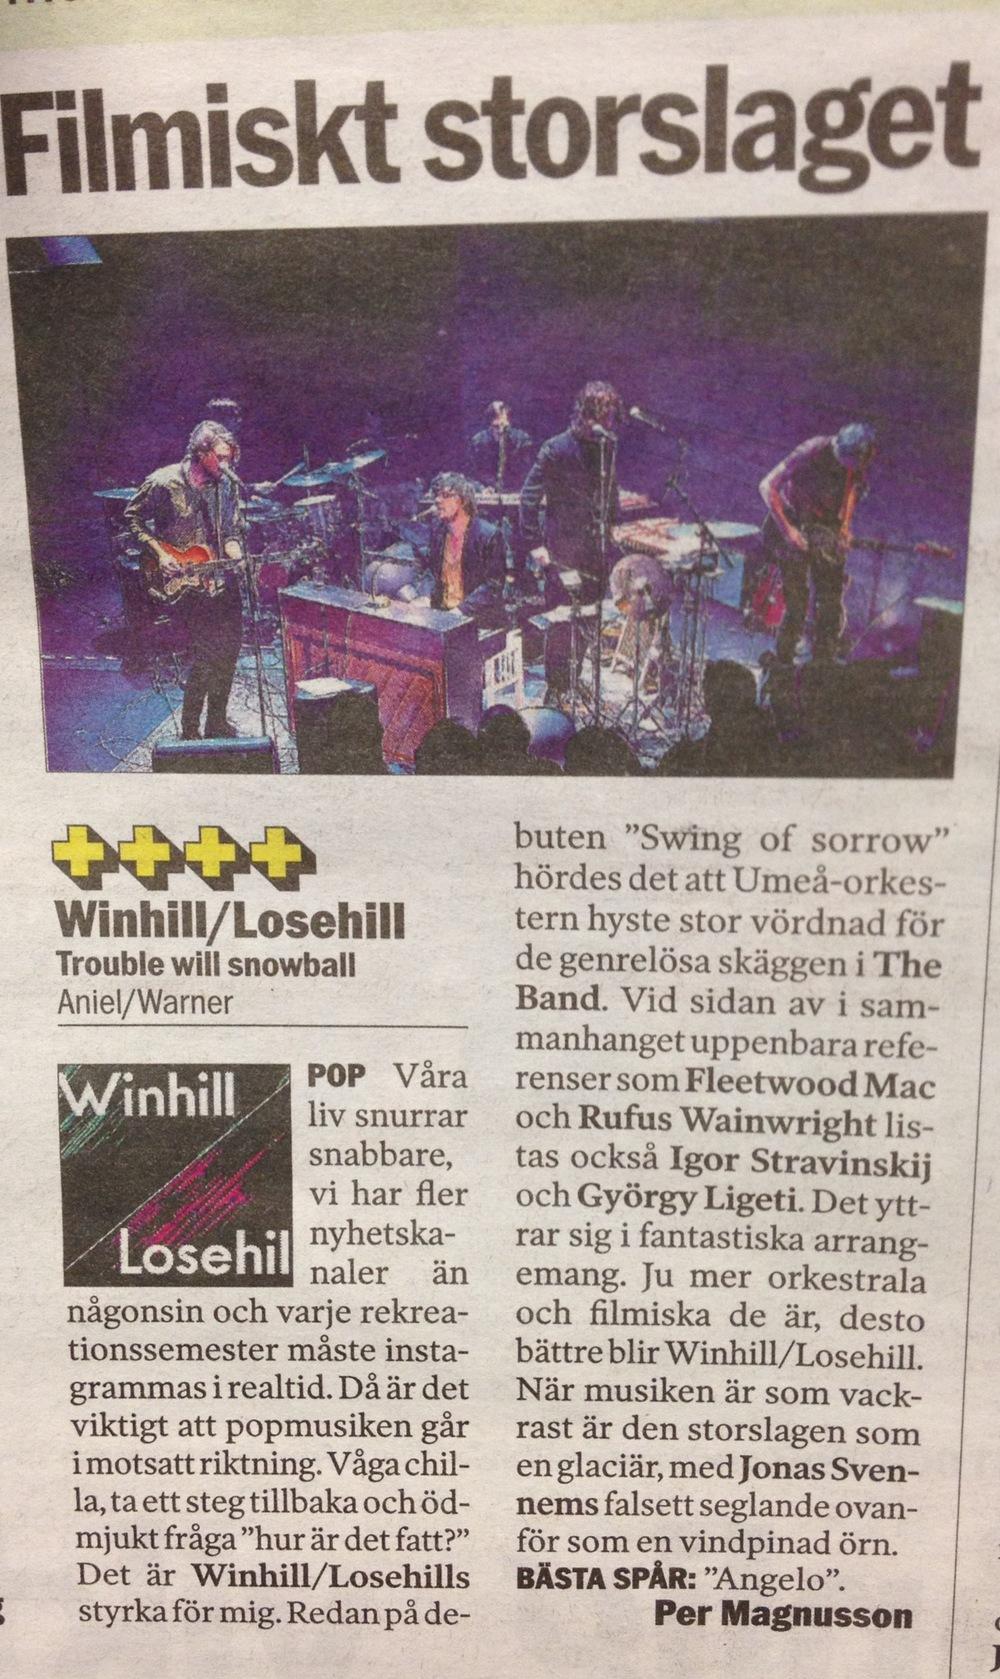 Winhill:Losehill - recension i Aftonbladet.jpg